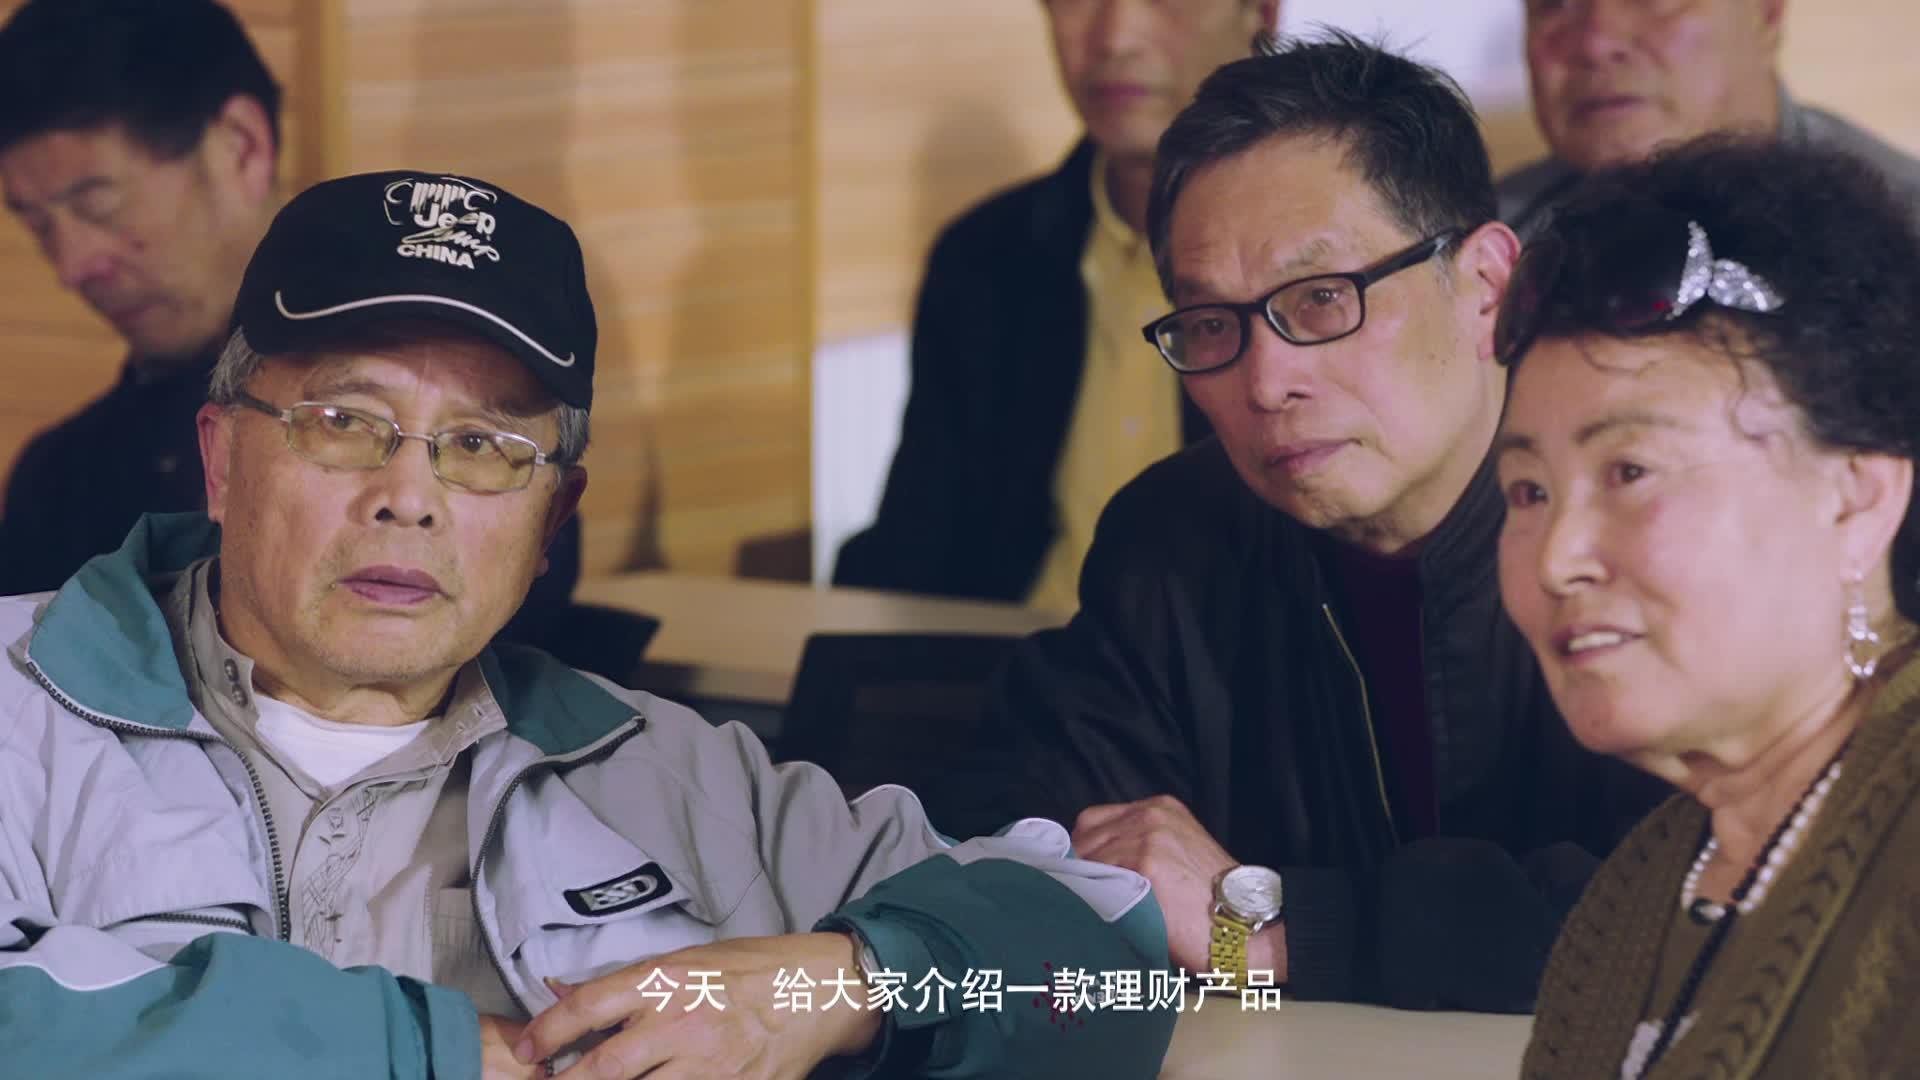 [防范和打击非法集资] 公益广告老年人篇2